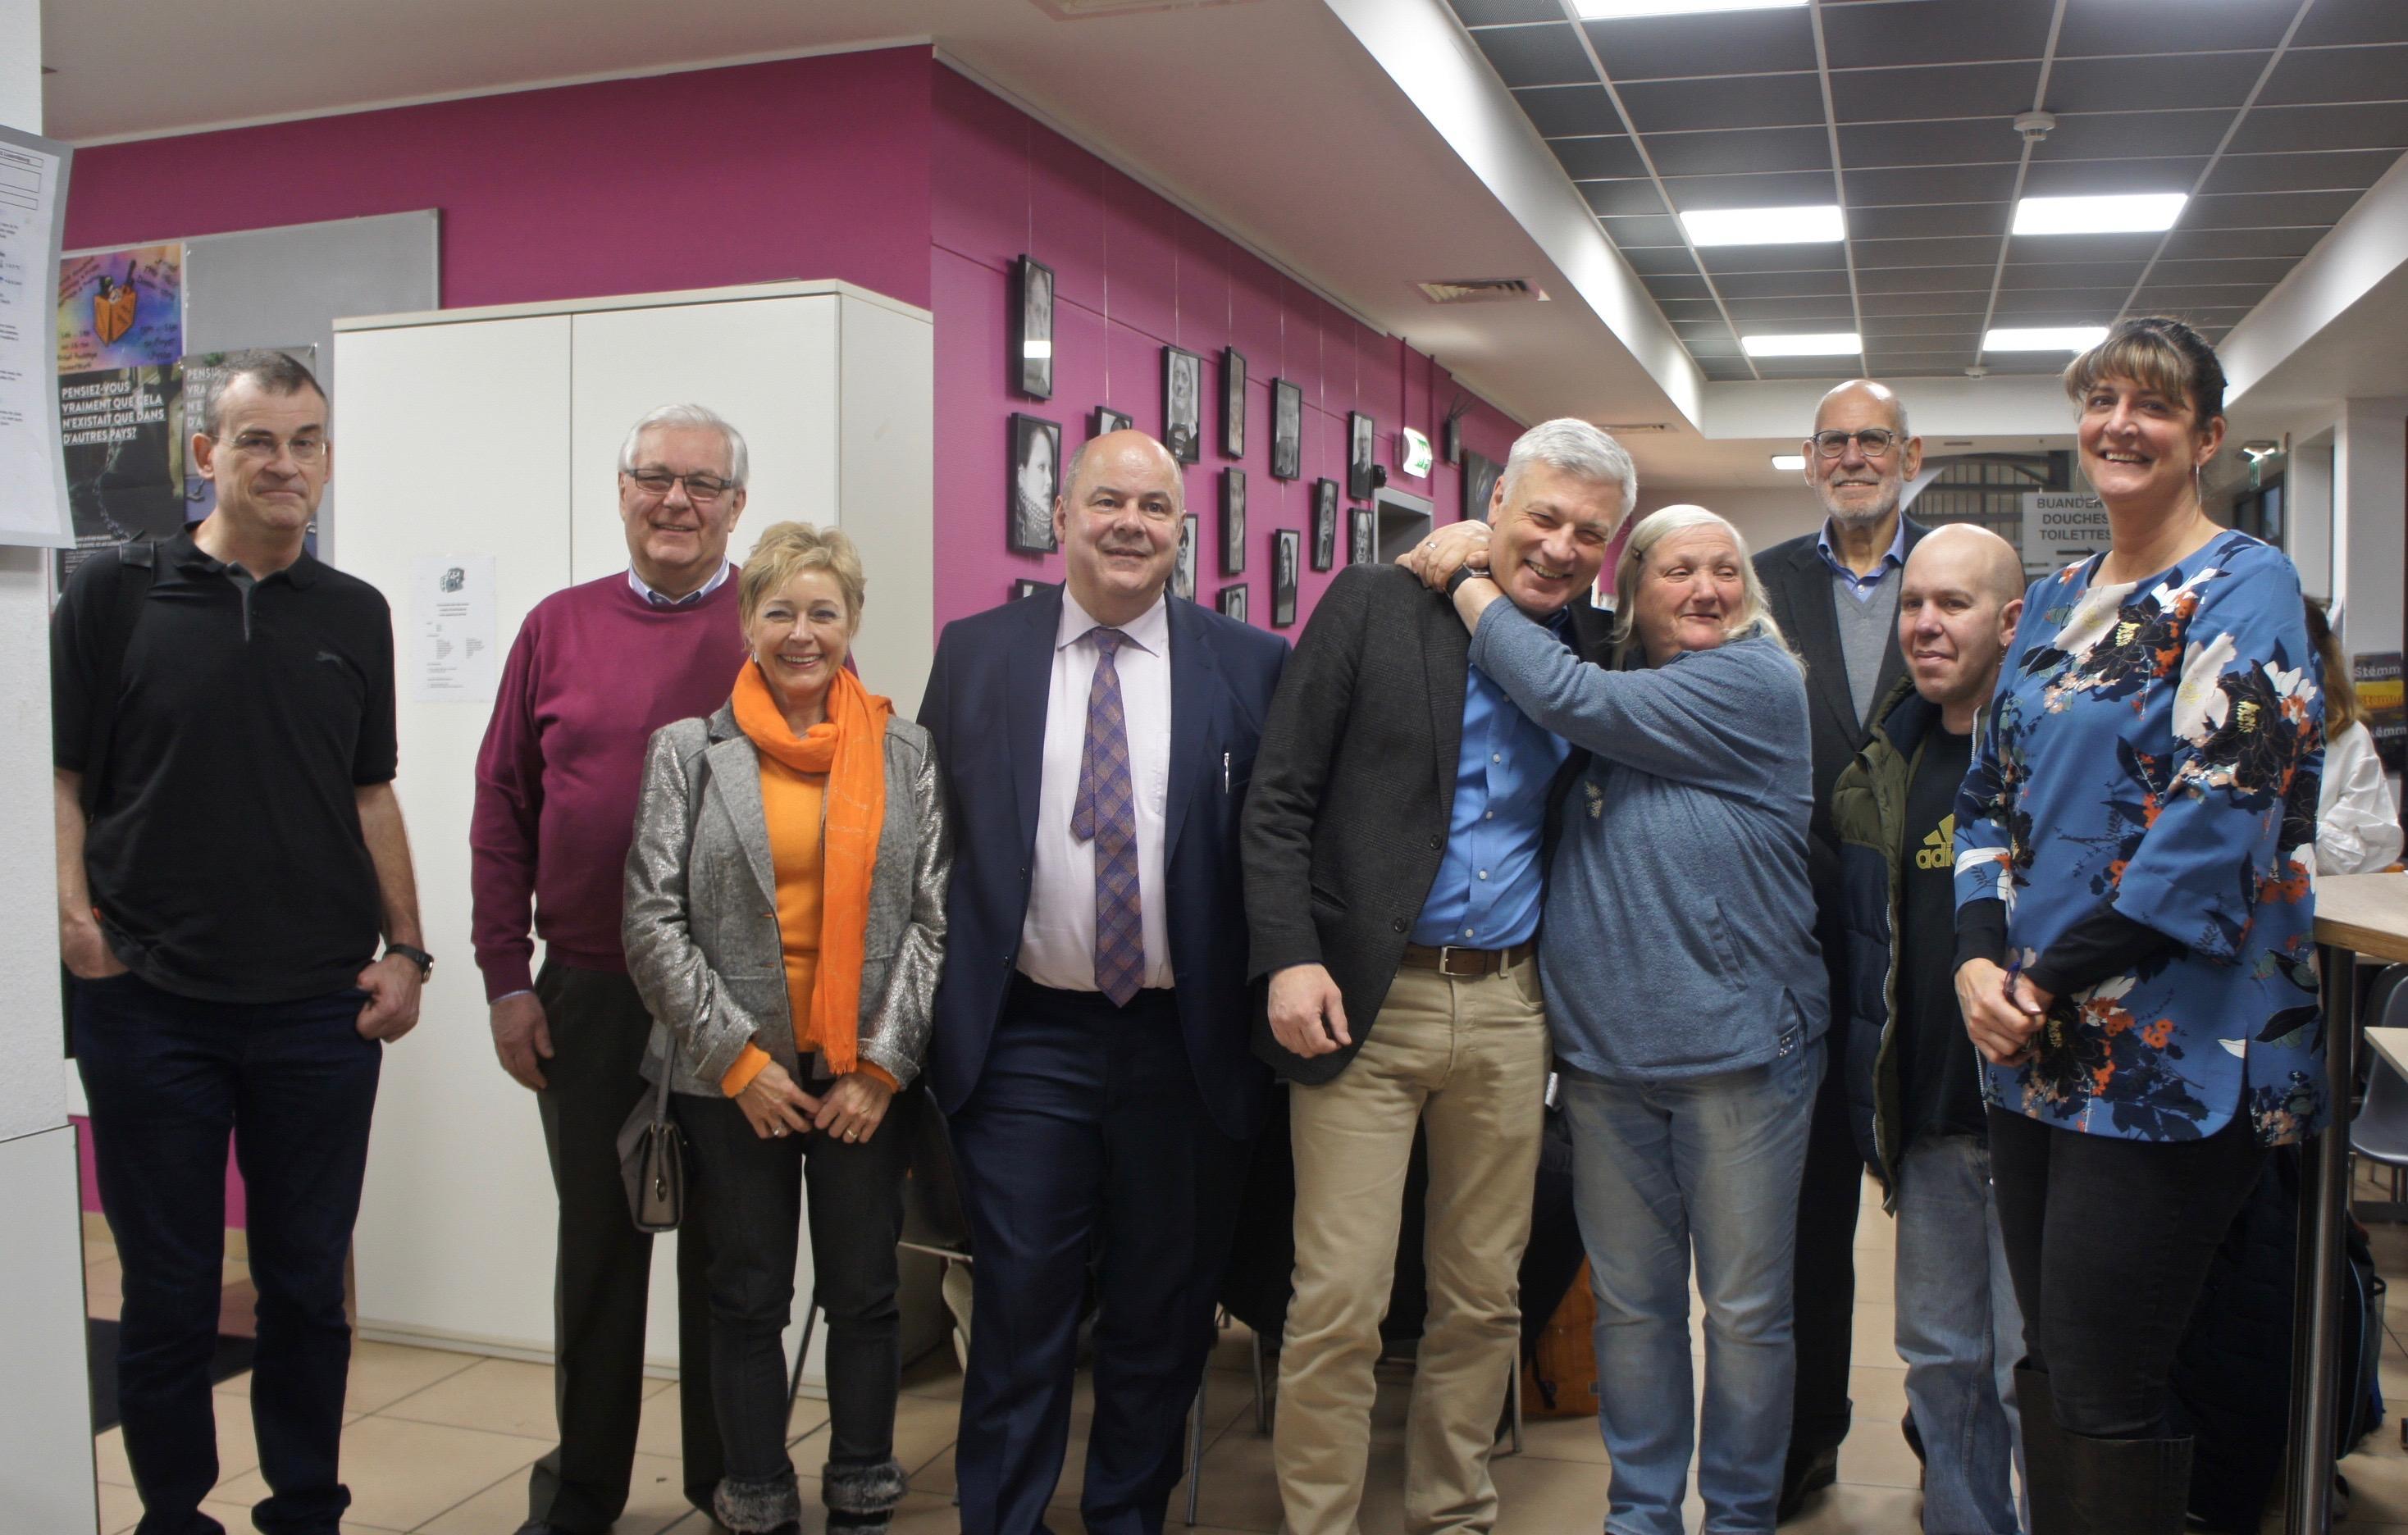 The members of the Christian Social Party visit Stëmm vun der Strooss.